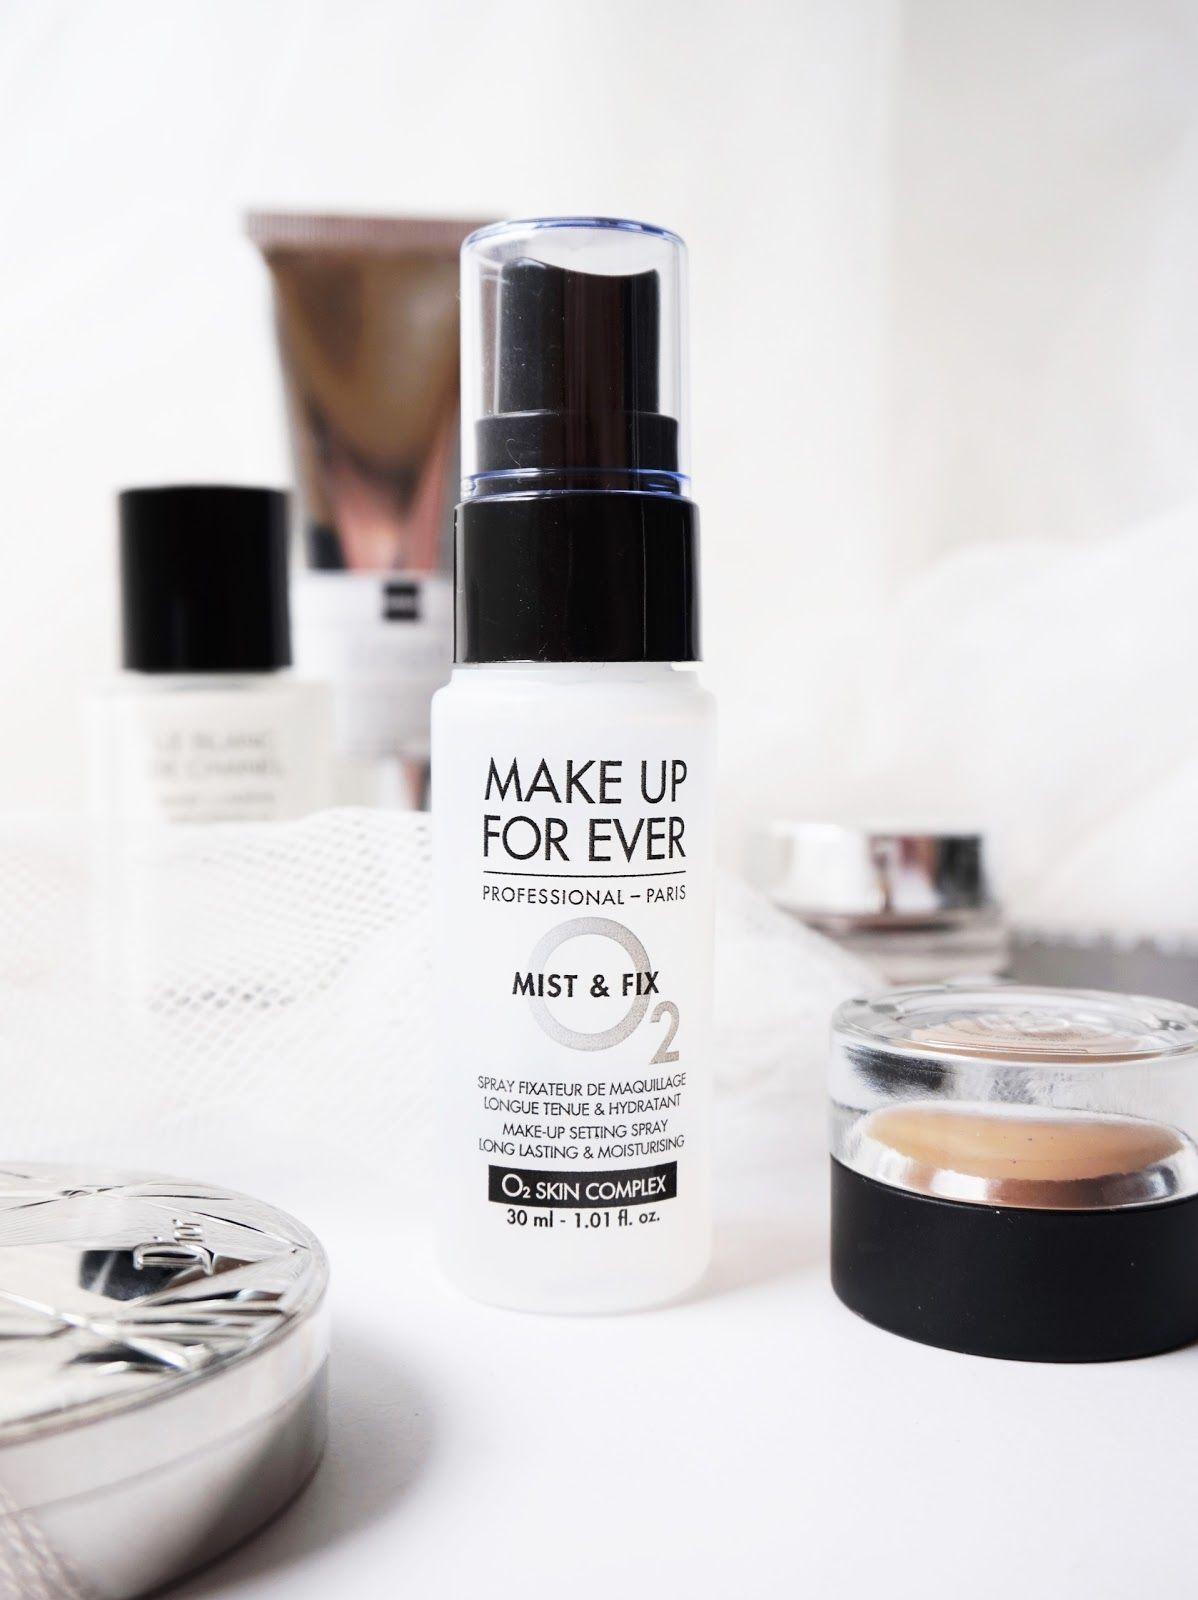 Le spray fixateur de maquillage Mist & Fix de Make Up For